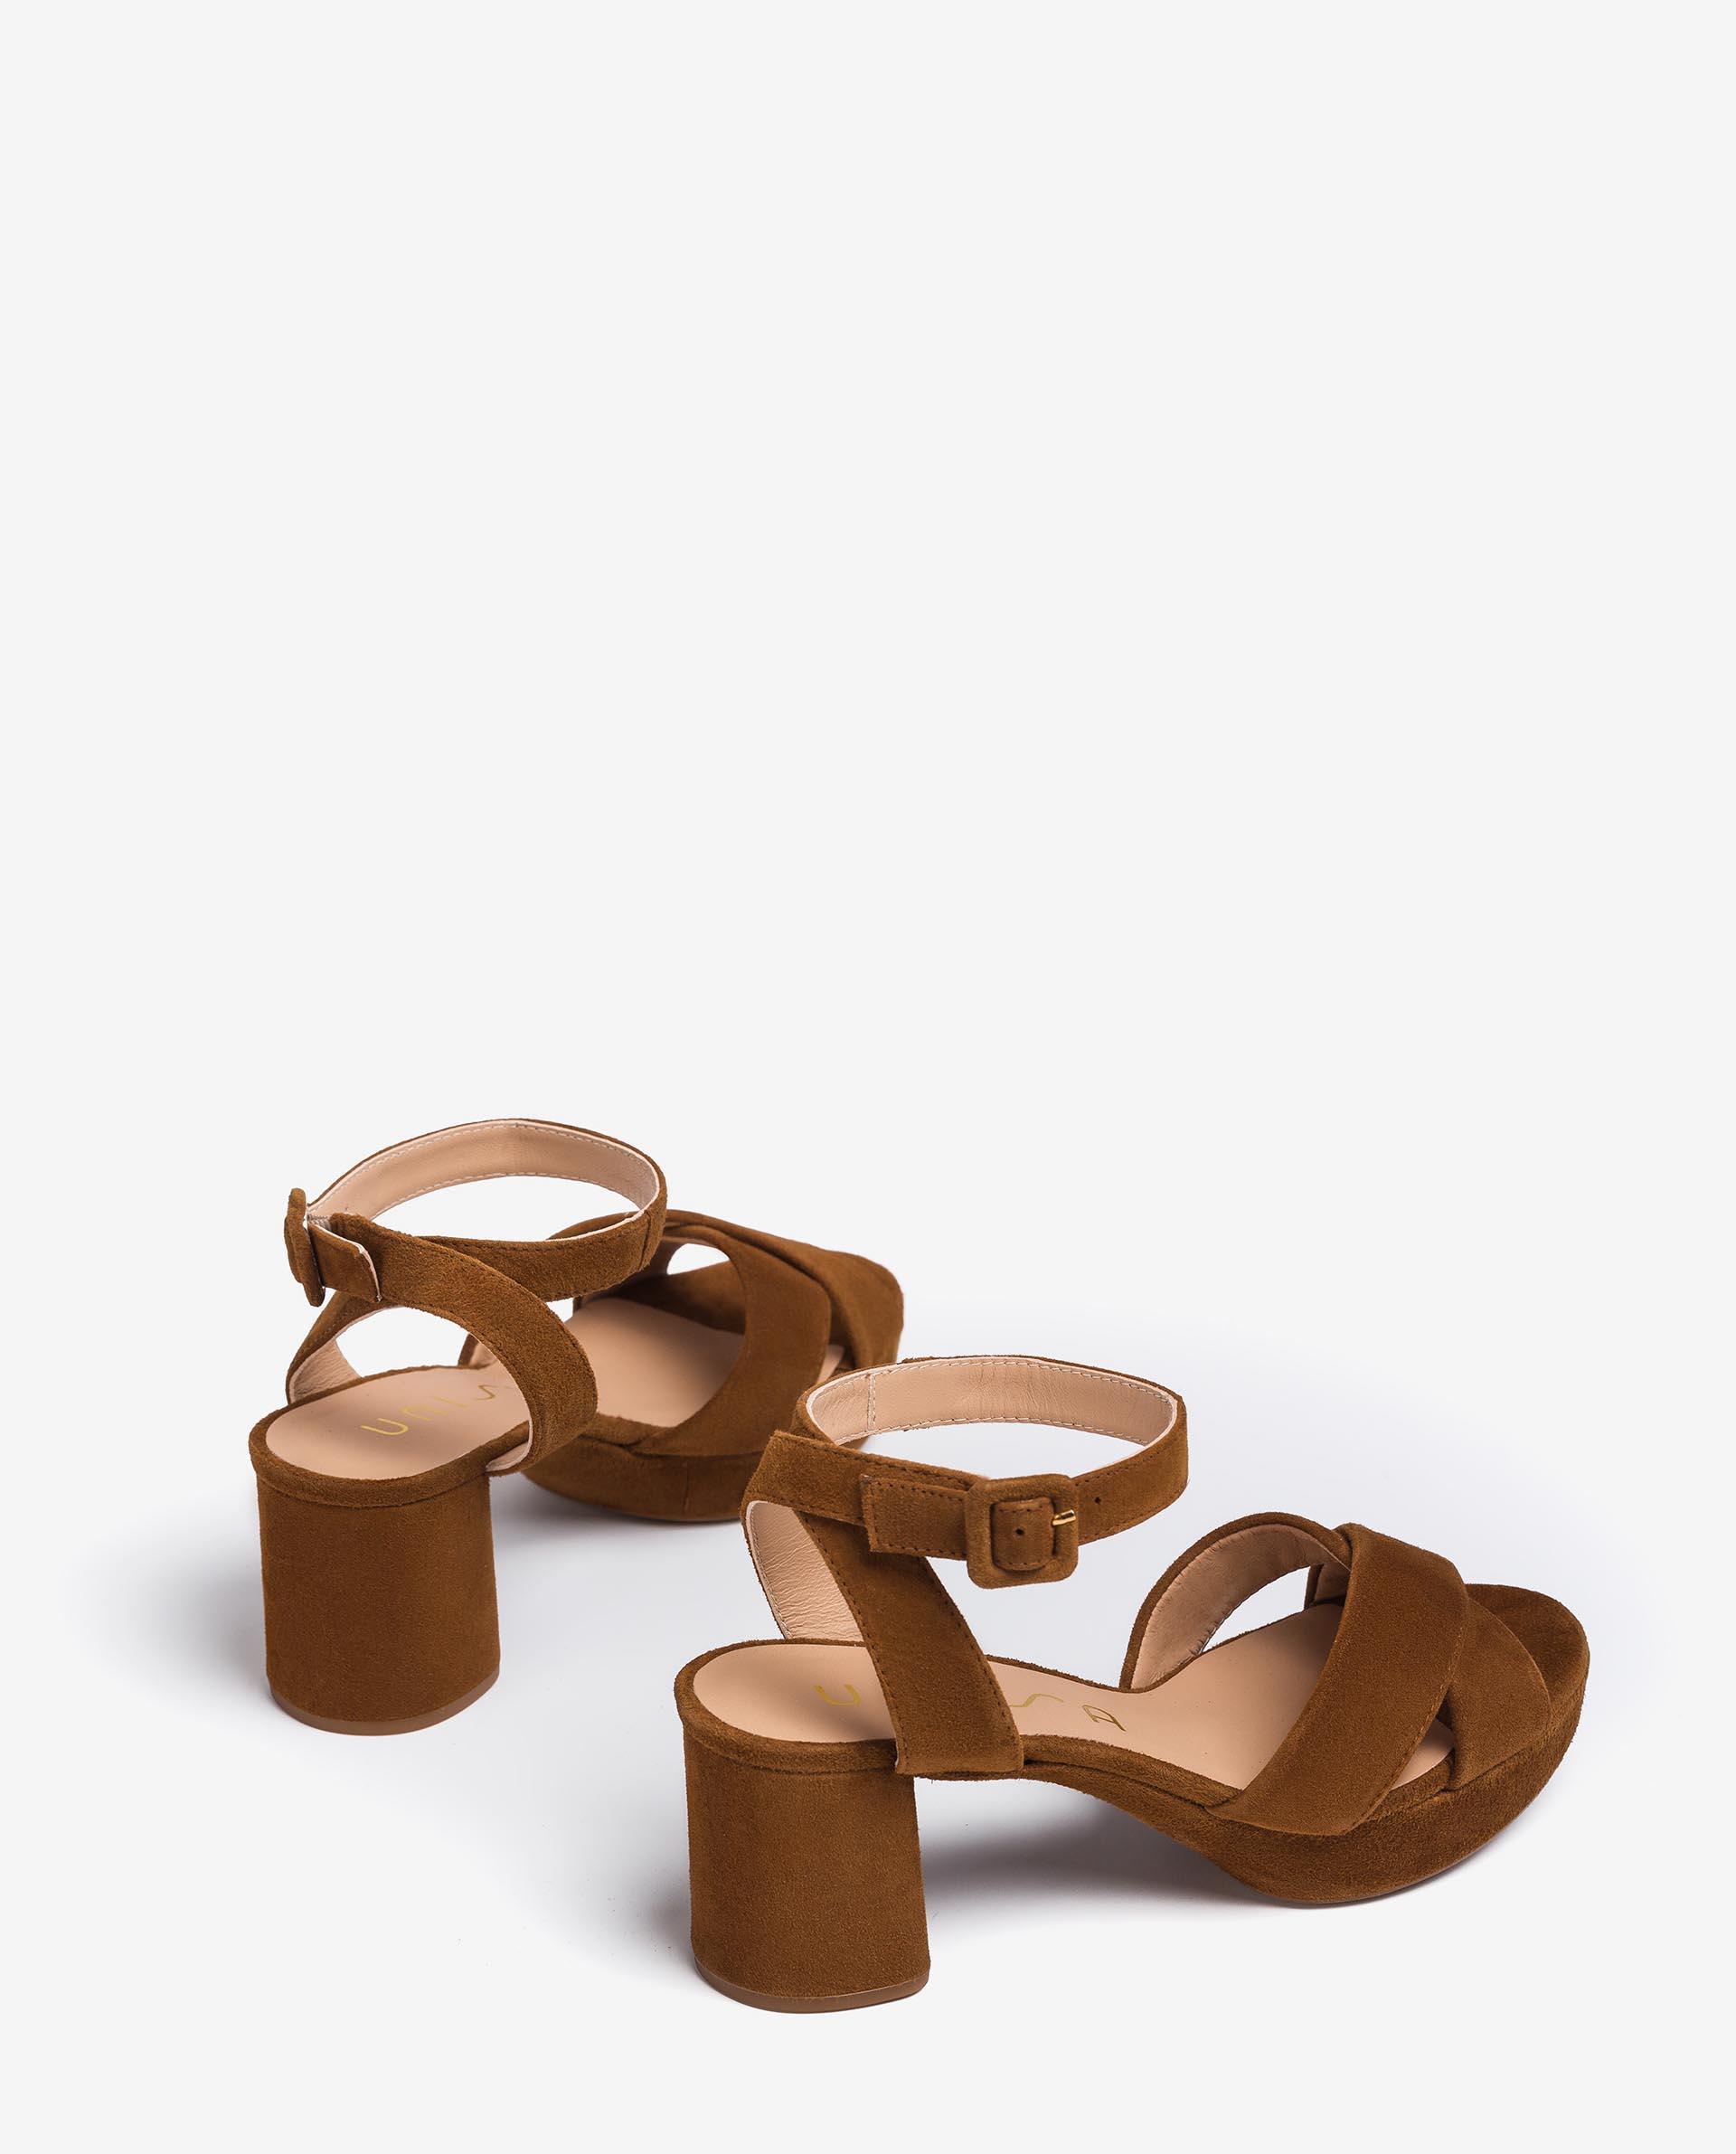 UNISA Kid suede strappy sandals NOVILLA_KS 2